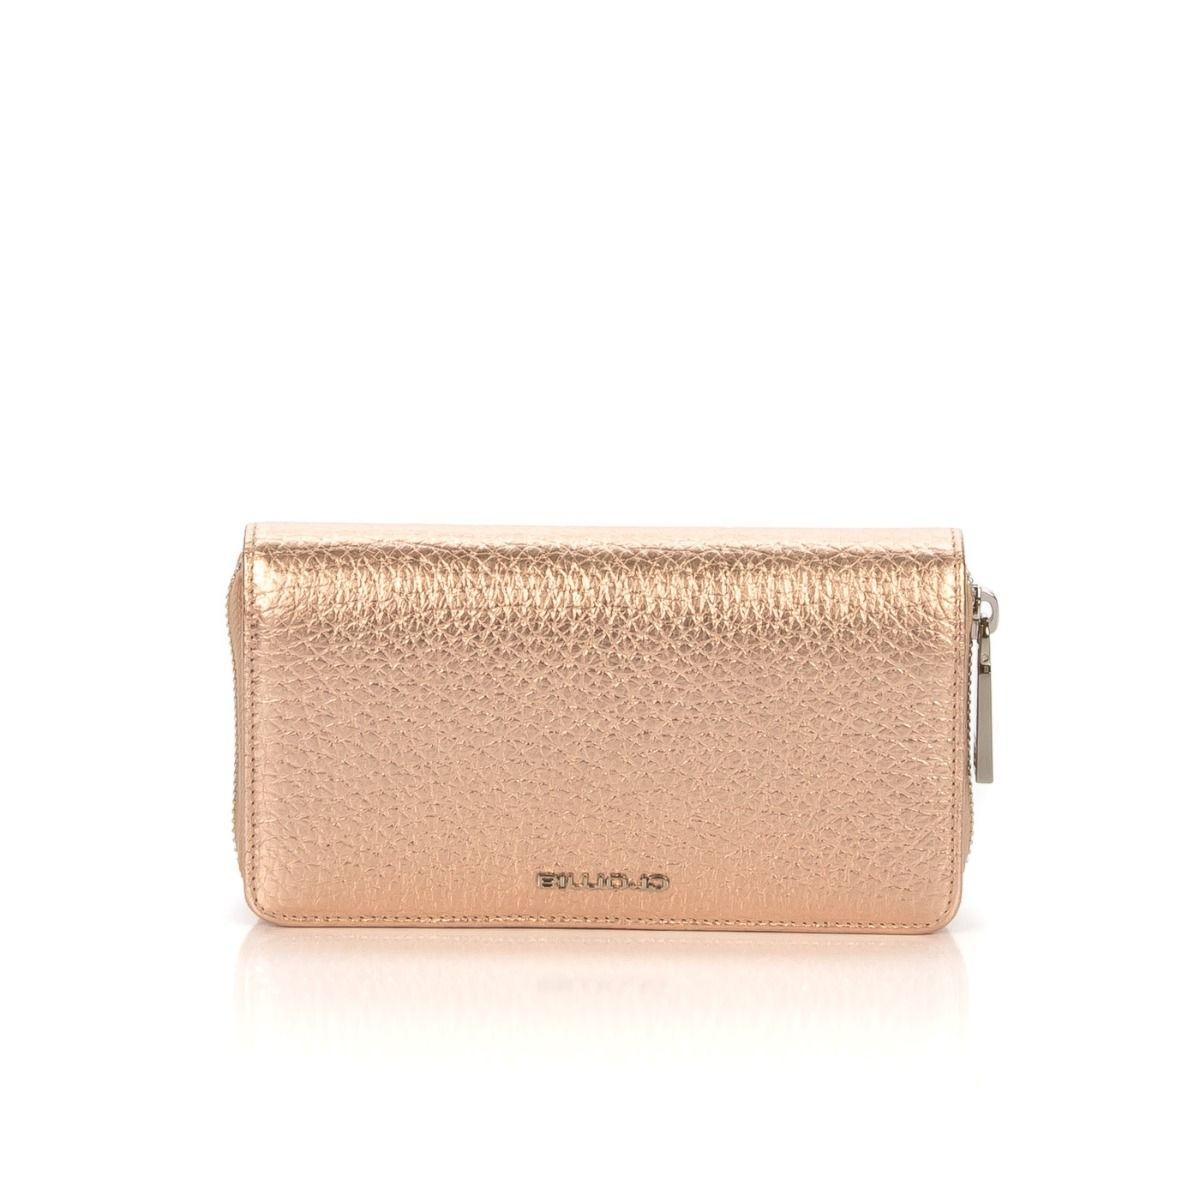 206354f4ff Portafoglio donna CROMIA 690 ARA in pelle laminata rosa |Spedizione  gratuita|Shop online|Shoe Center